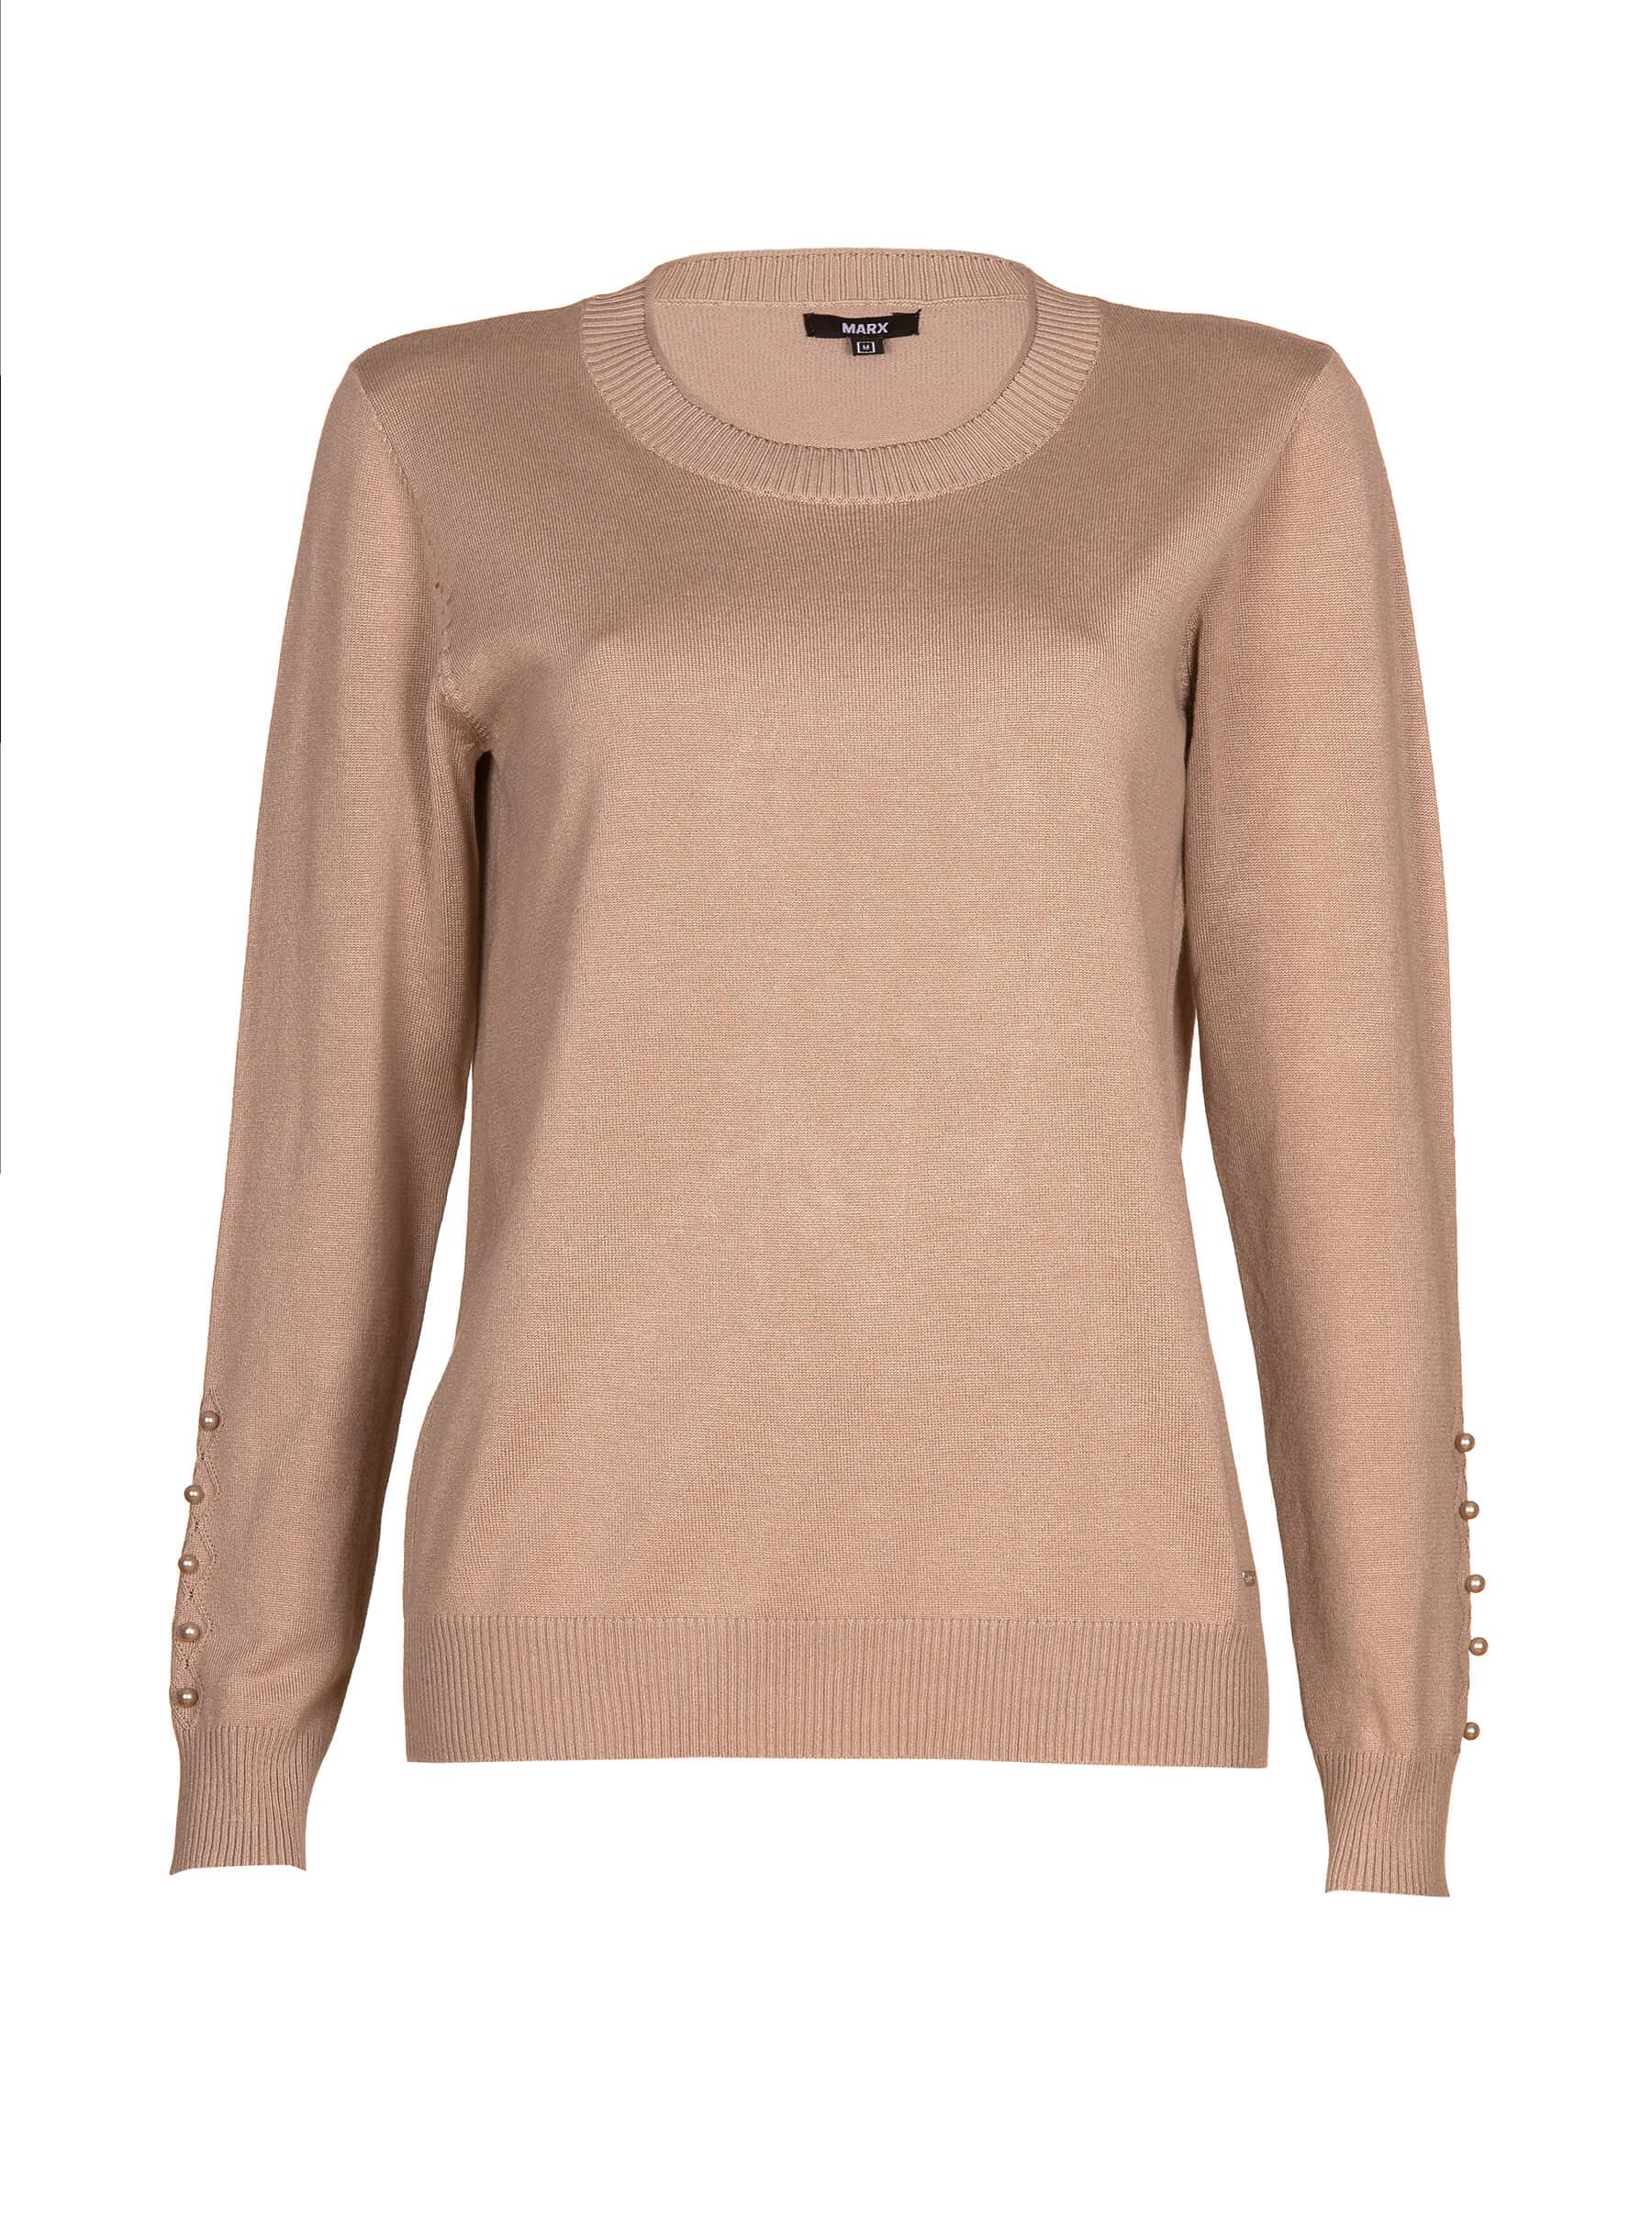 Marx pulover: redna cena 29,99 EUR; 50% popust